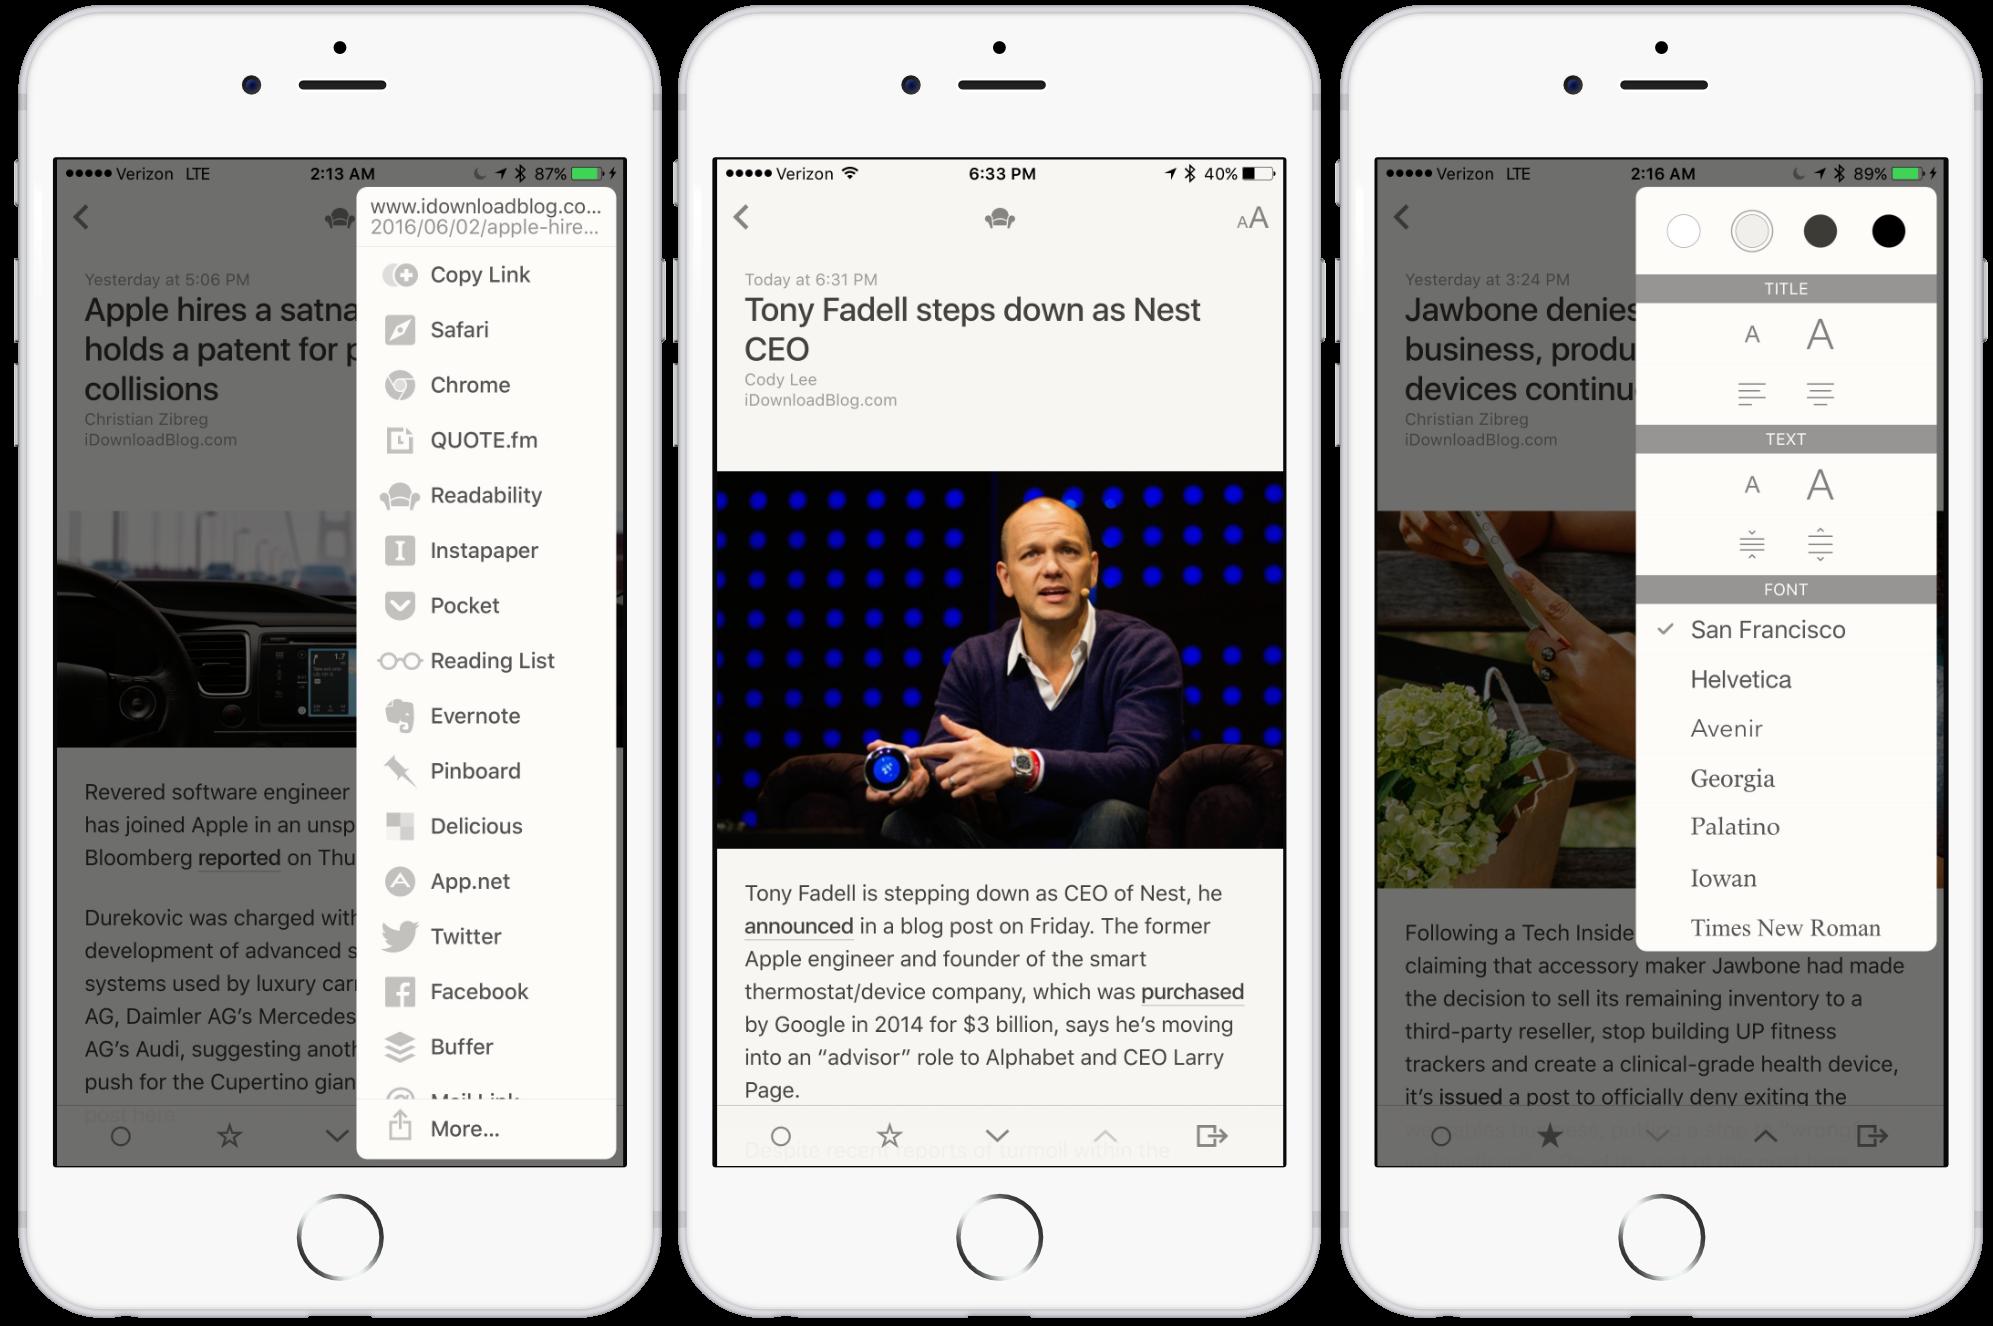 Capturas de pantalla de la aplicación Reeder 3 RSS